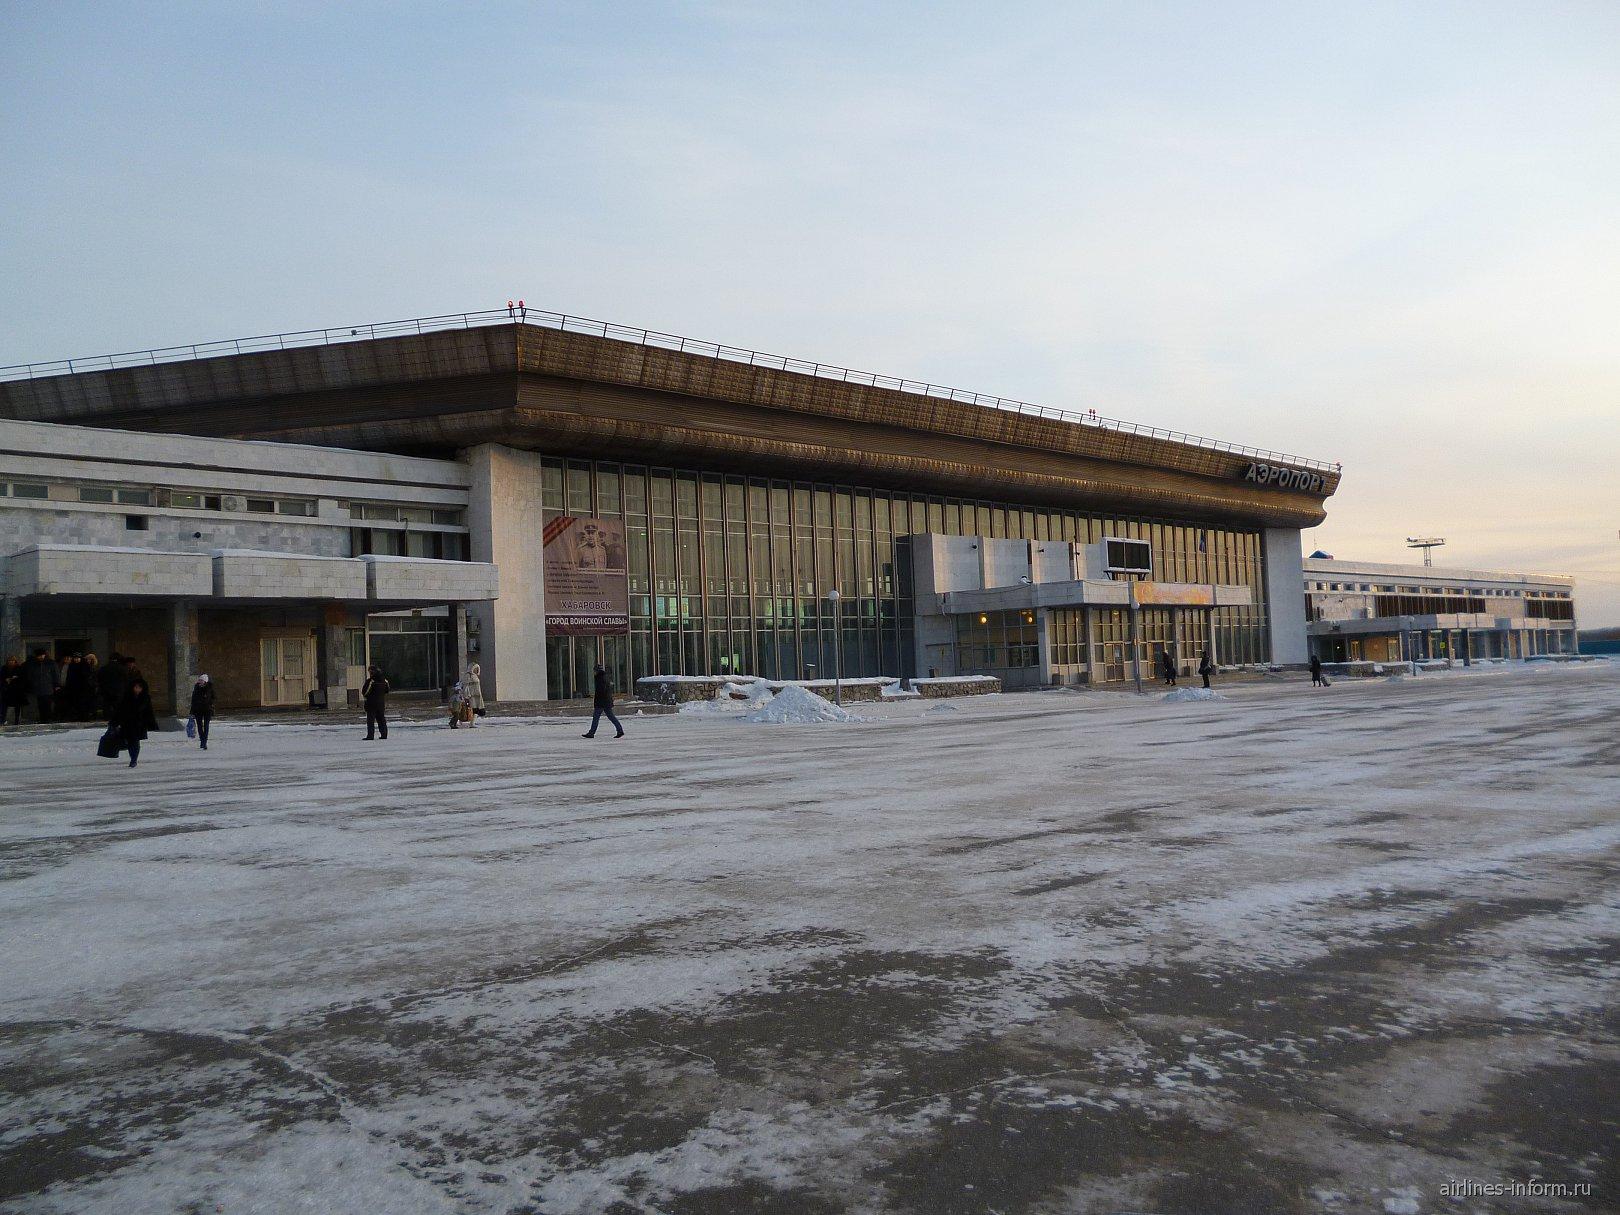 Терминал внутренних рейсов аэропорта Хабаровск Новый